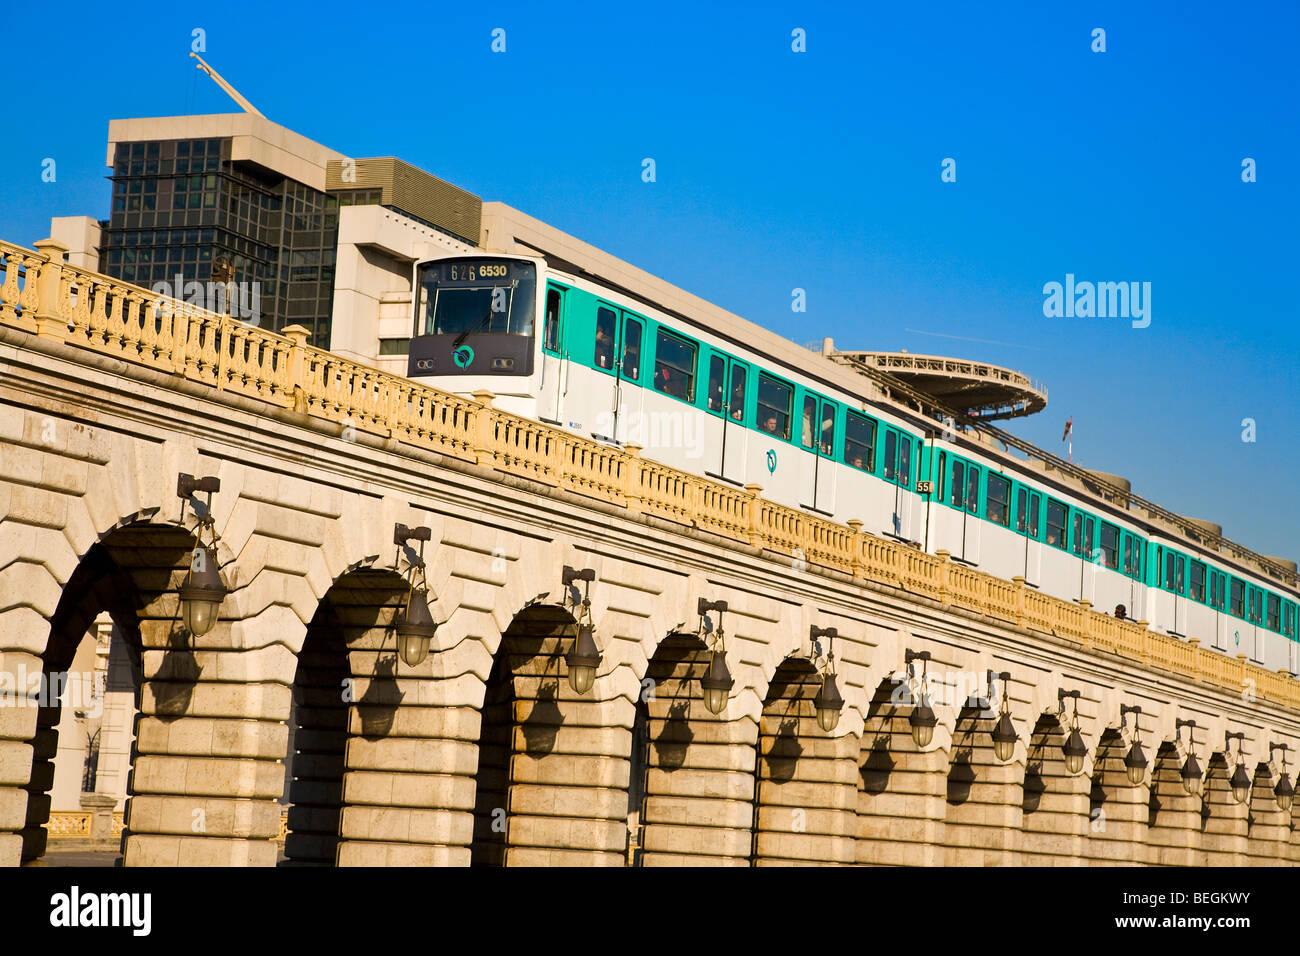 PONT DE BERCY, PARIS - Stock Image